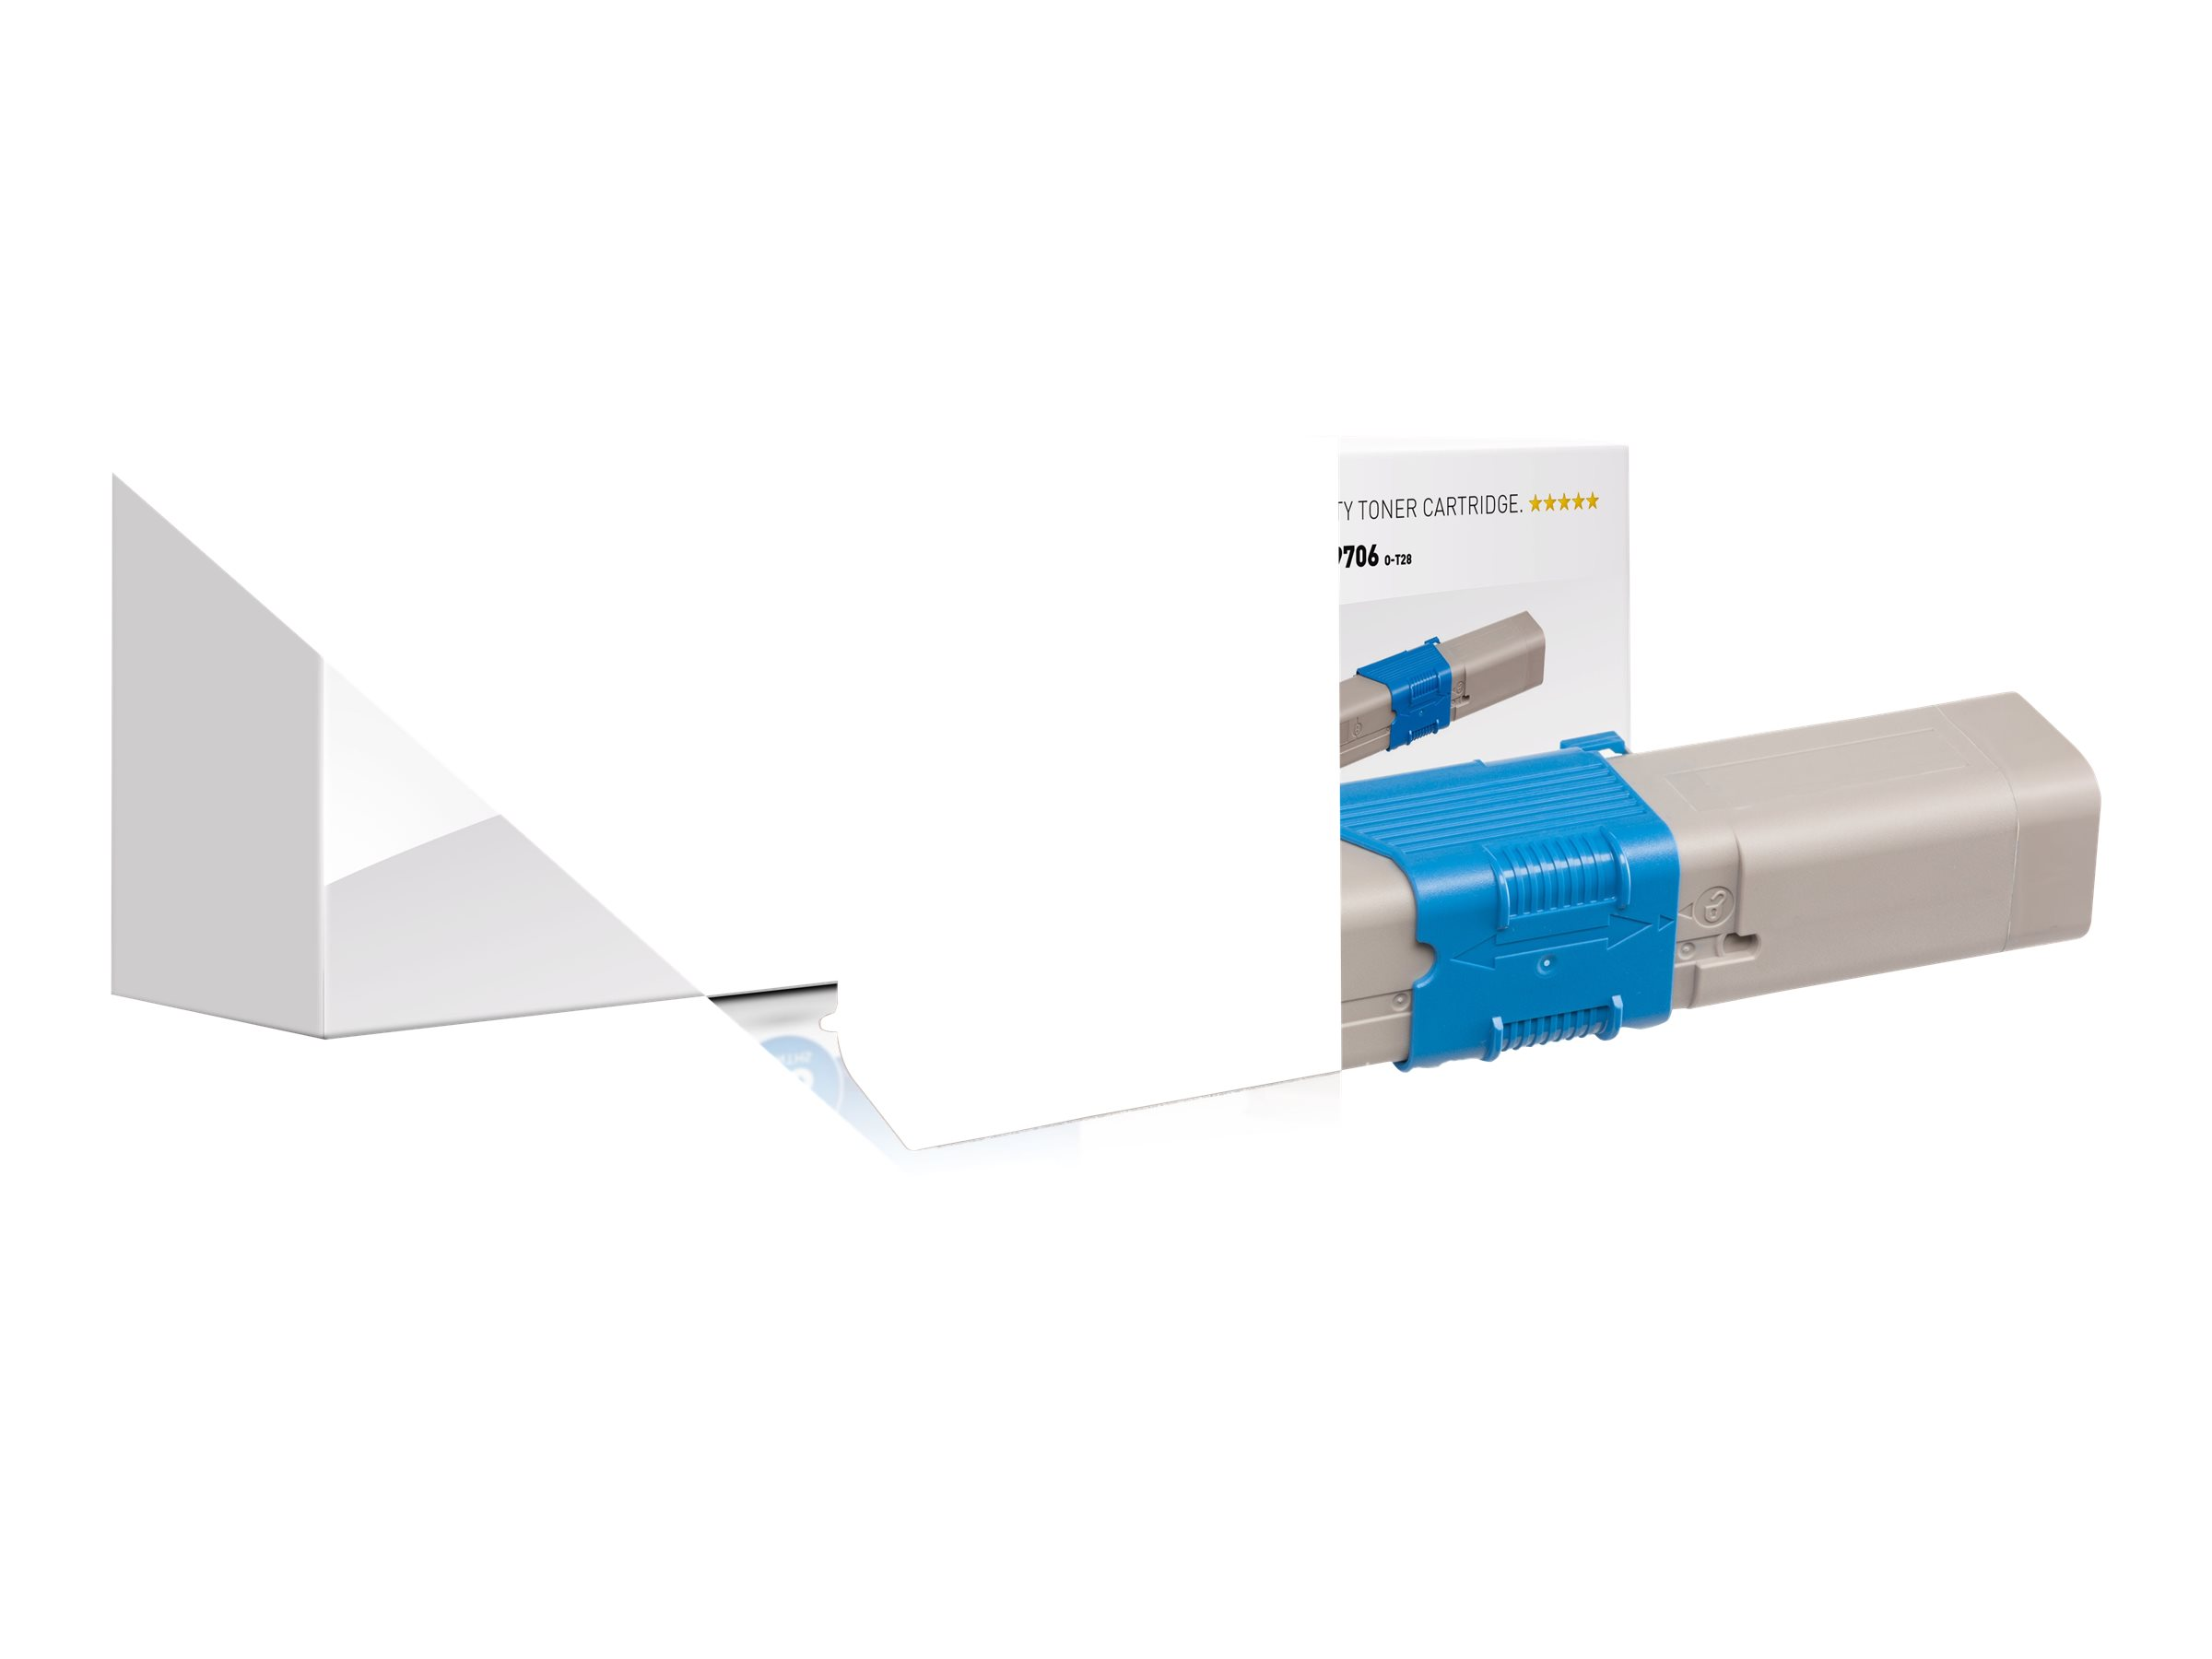 Vorschau: KMP O-T28 - 50 g - Cyan - compatible - Tonerpatrone